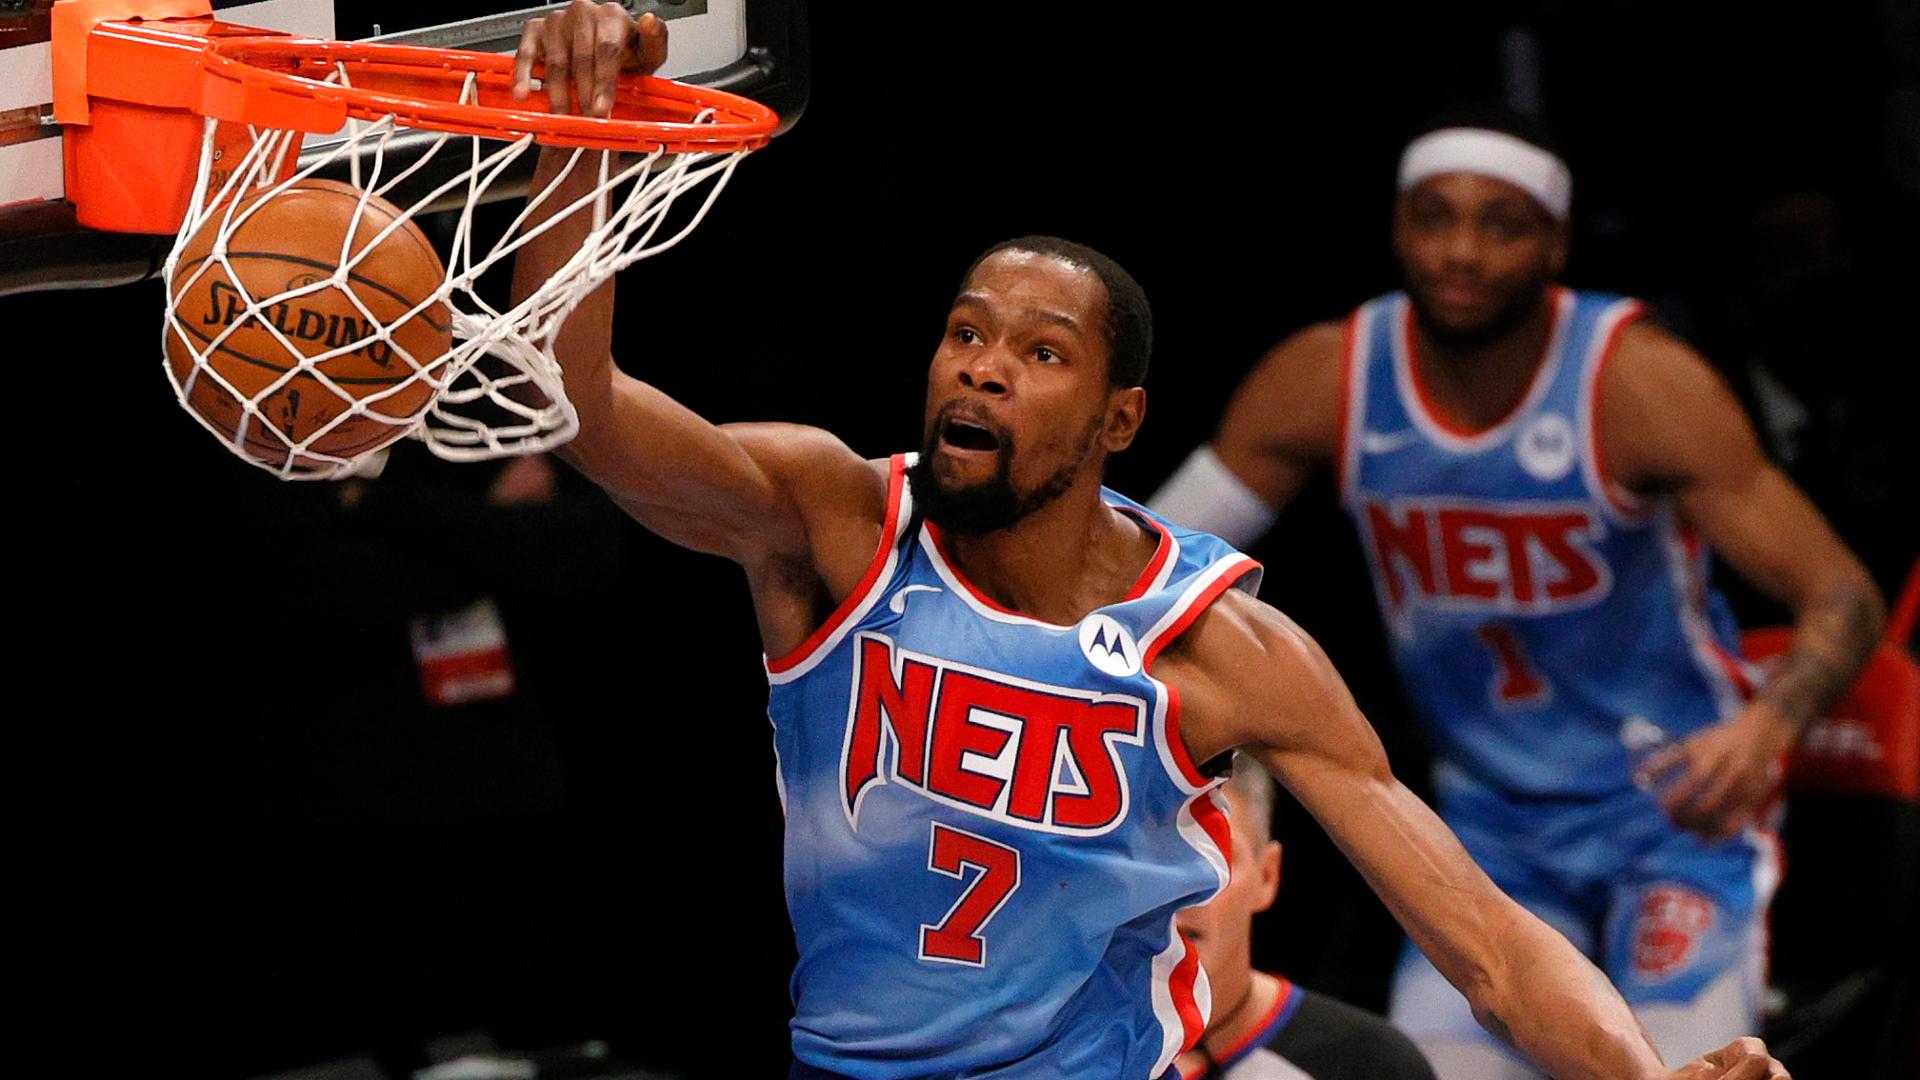 Kevin Durant brilló en el clutch y Brooklyn Nets venció en un partidazo a los Denver Nuggets de Facundo Campazzo   NBA.com Argentina   El sitio oficial de la NBA